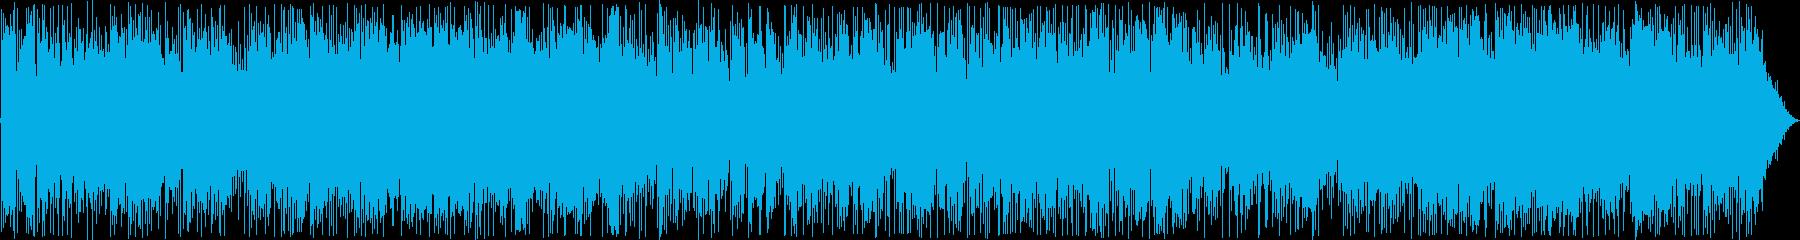 ムードのあるエレキギターの曲の再生済みの波形